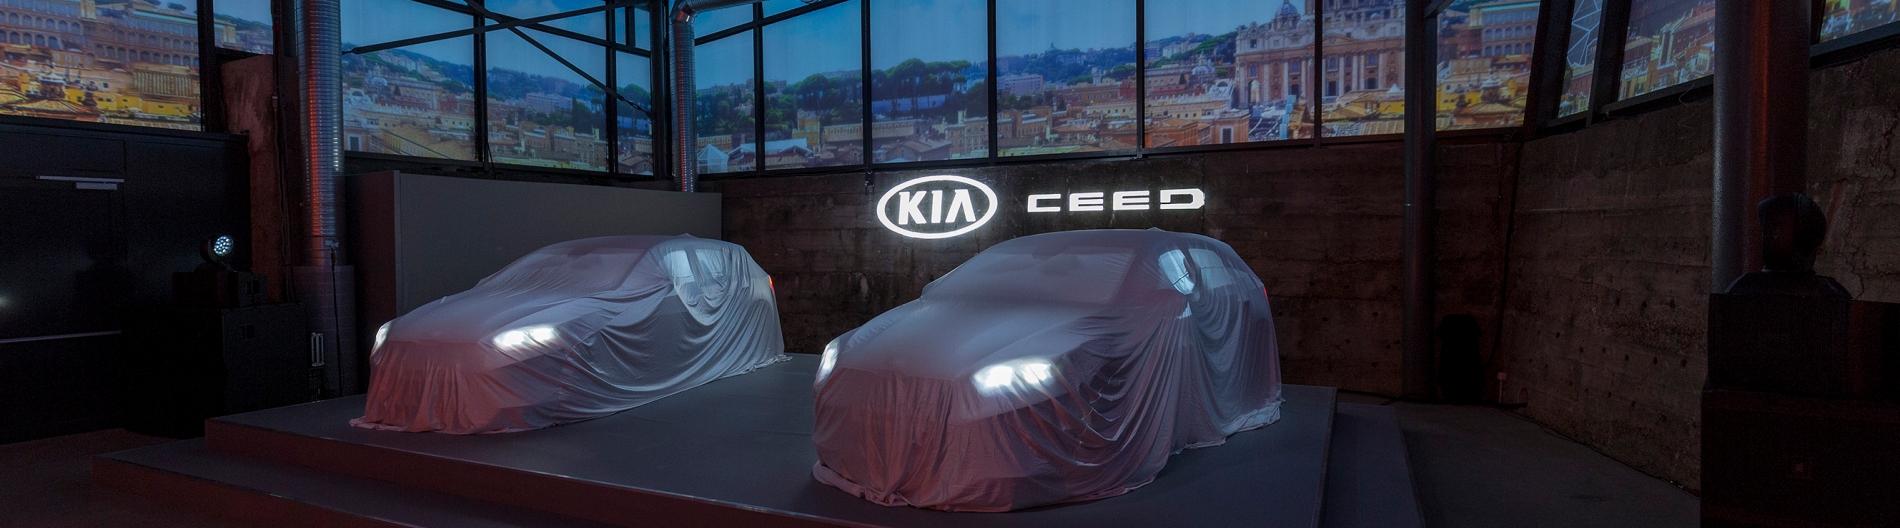 Kia Ceed SUV